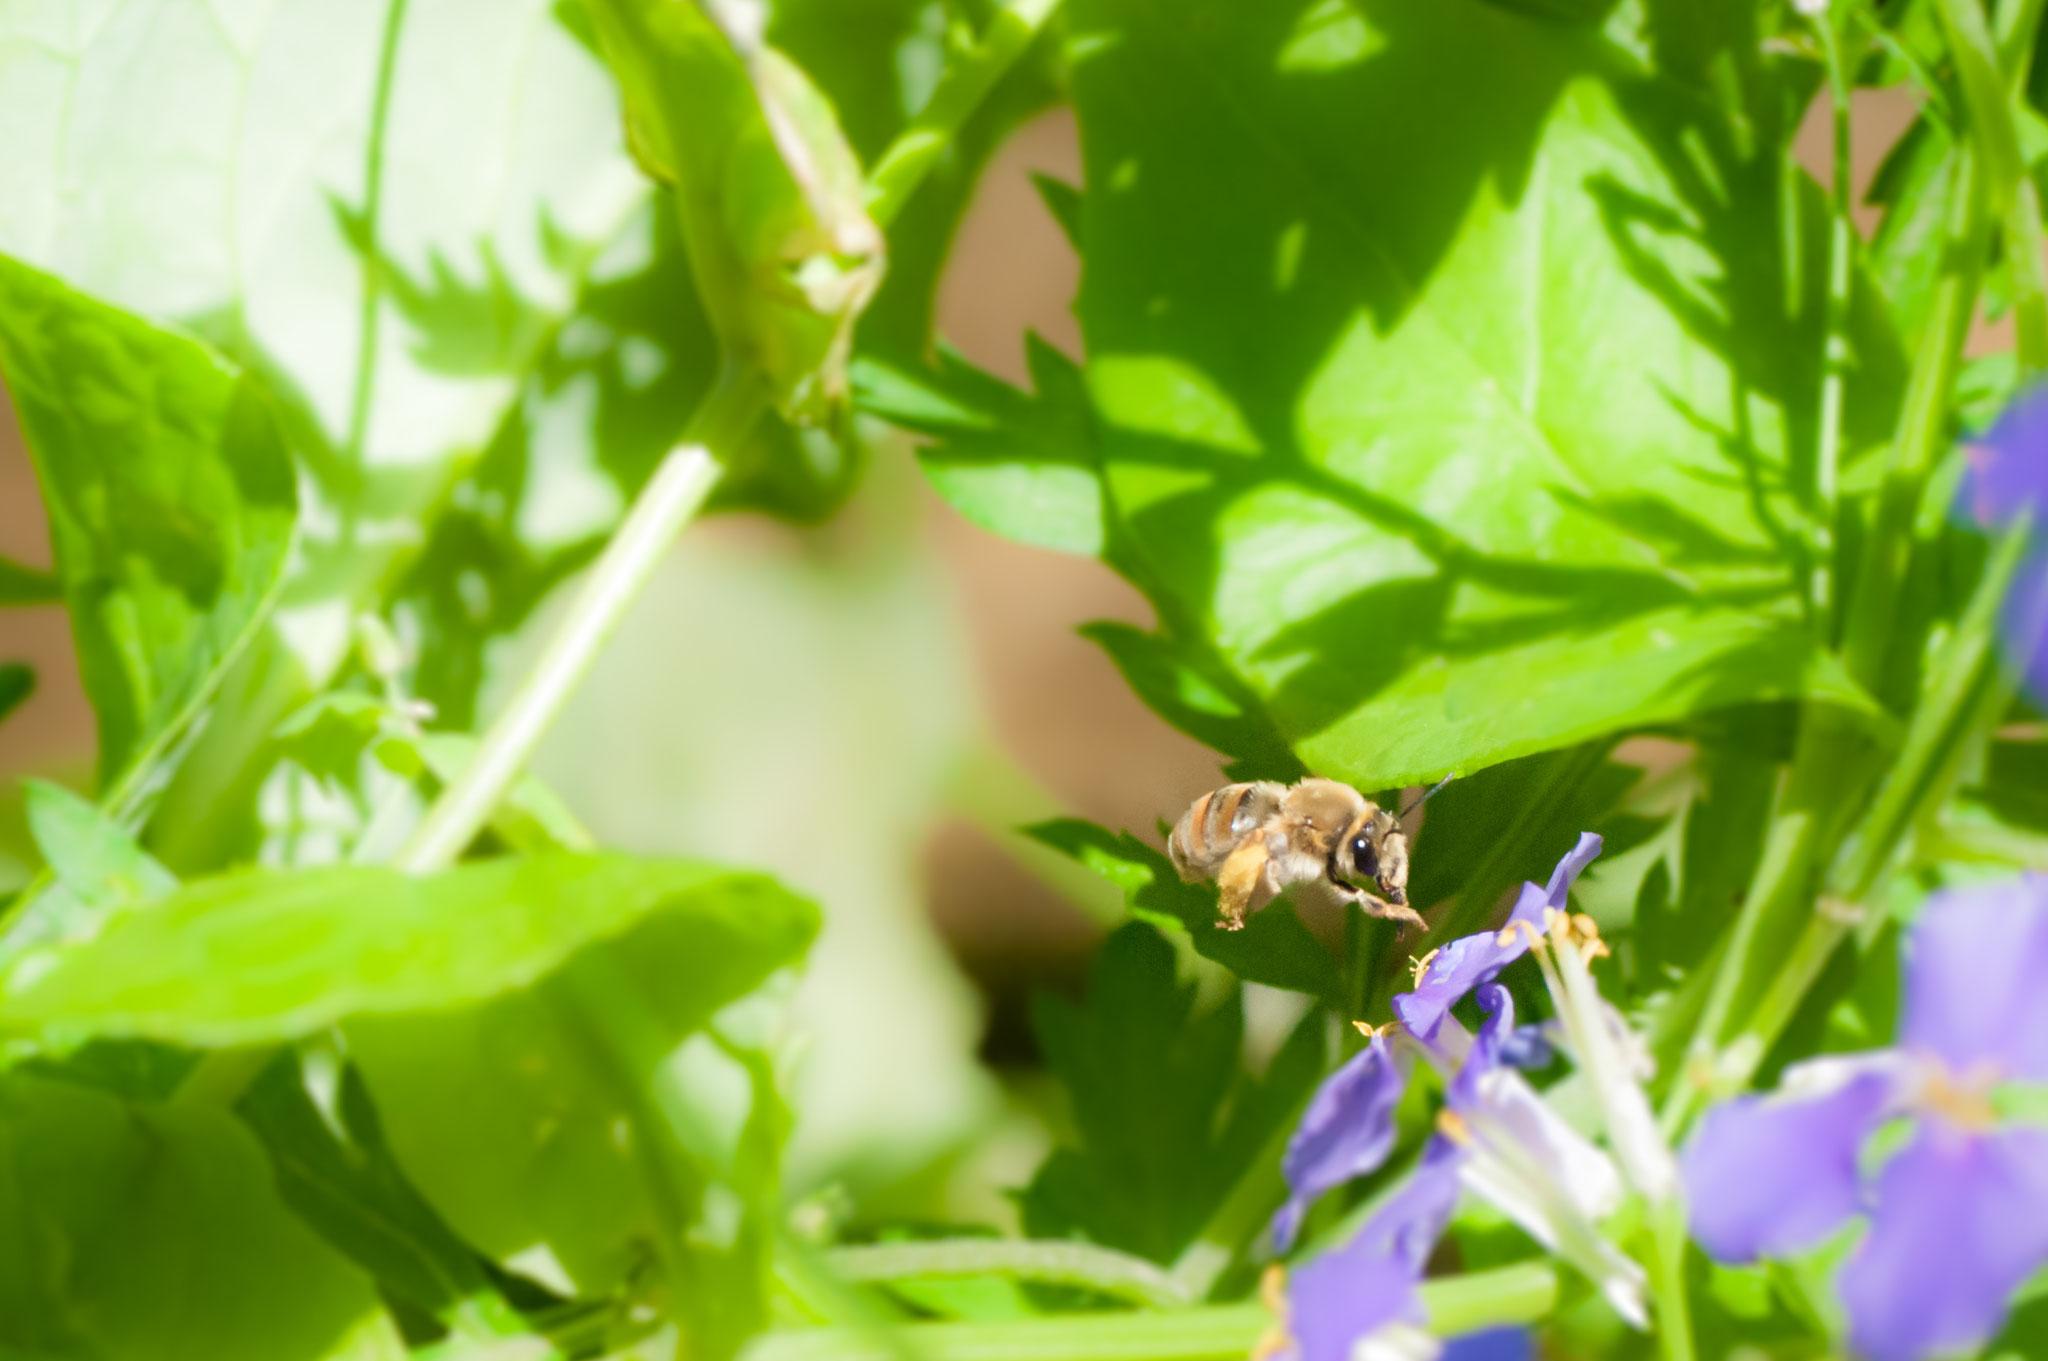 手持ちでミツバチを激写。昆虫界はどこもブラックで休日はないのか?